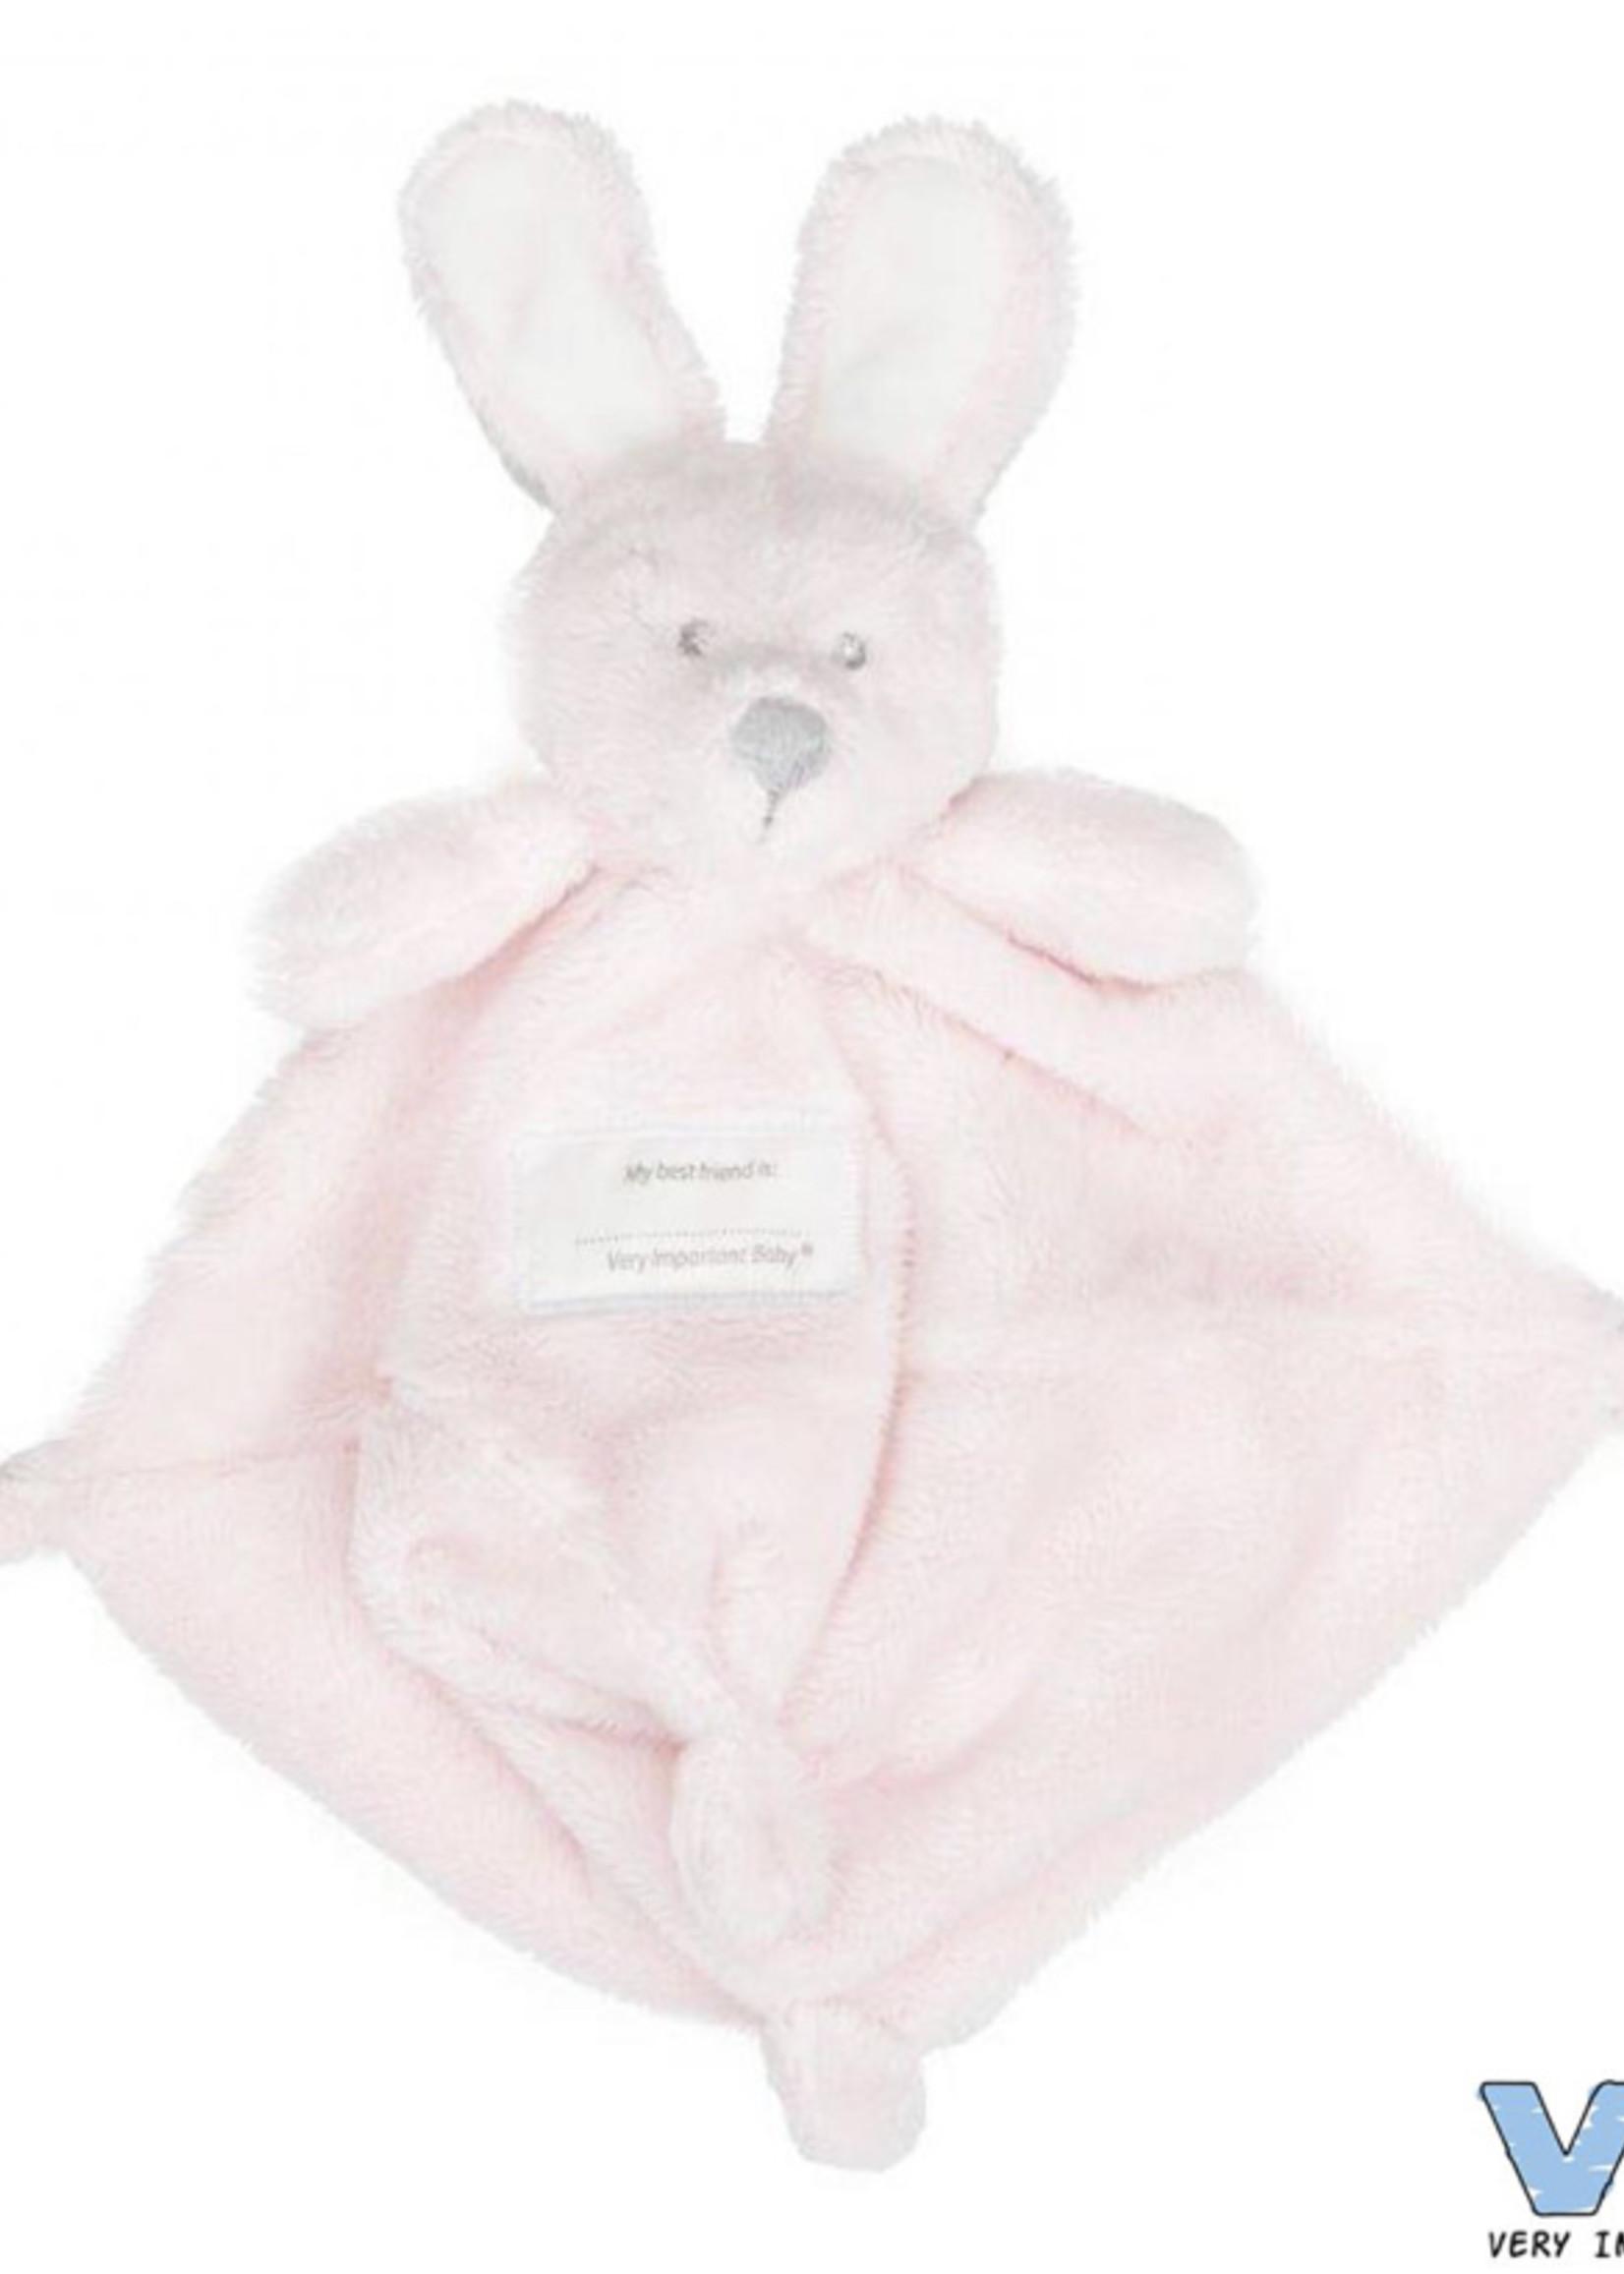 Very Important Baby Knuffeldoekje met konijnenhoofd roze